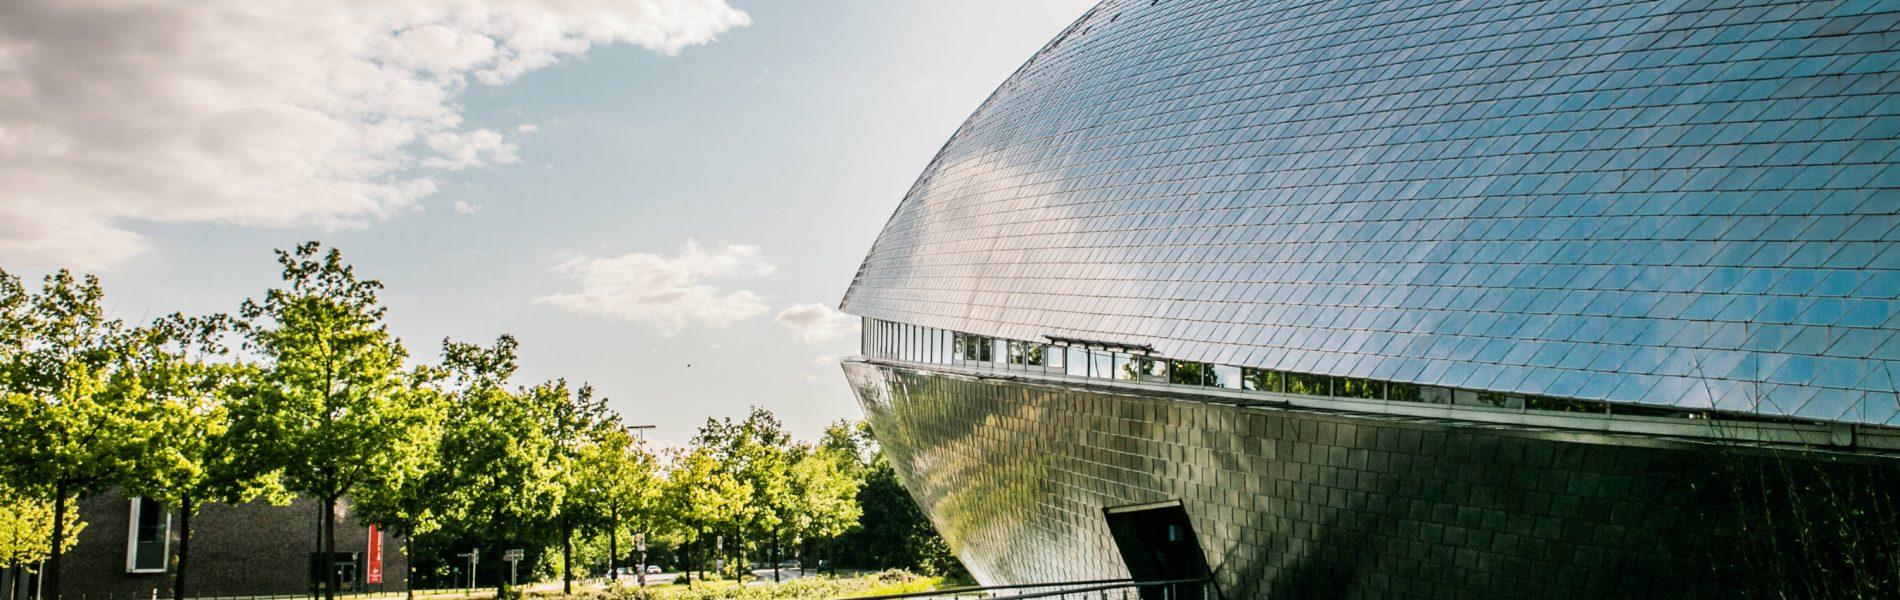 Das Foto zeigt das Universum Bremen bei Tag. Das Gebäude reflektiert Bäume und den Wolkenhimmel.